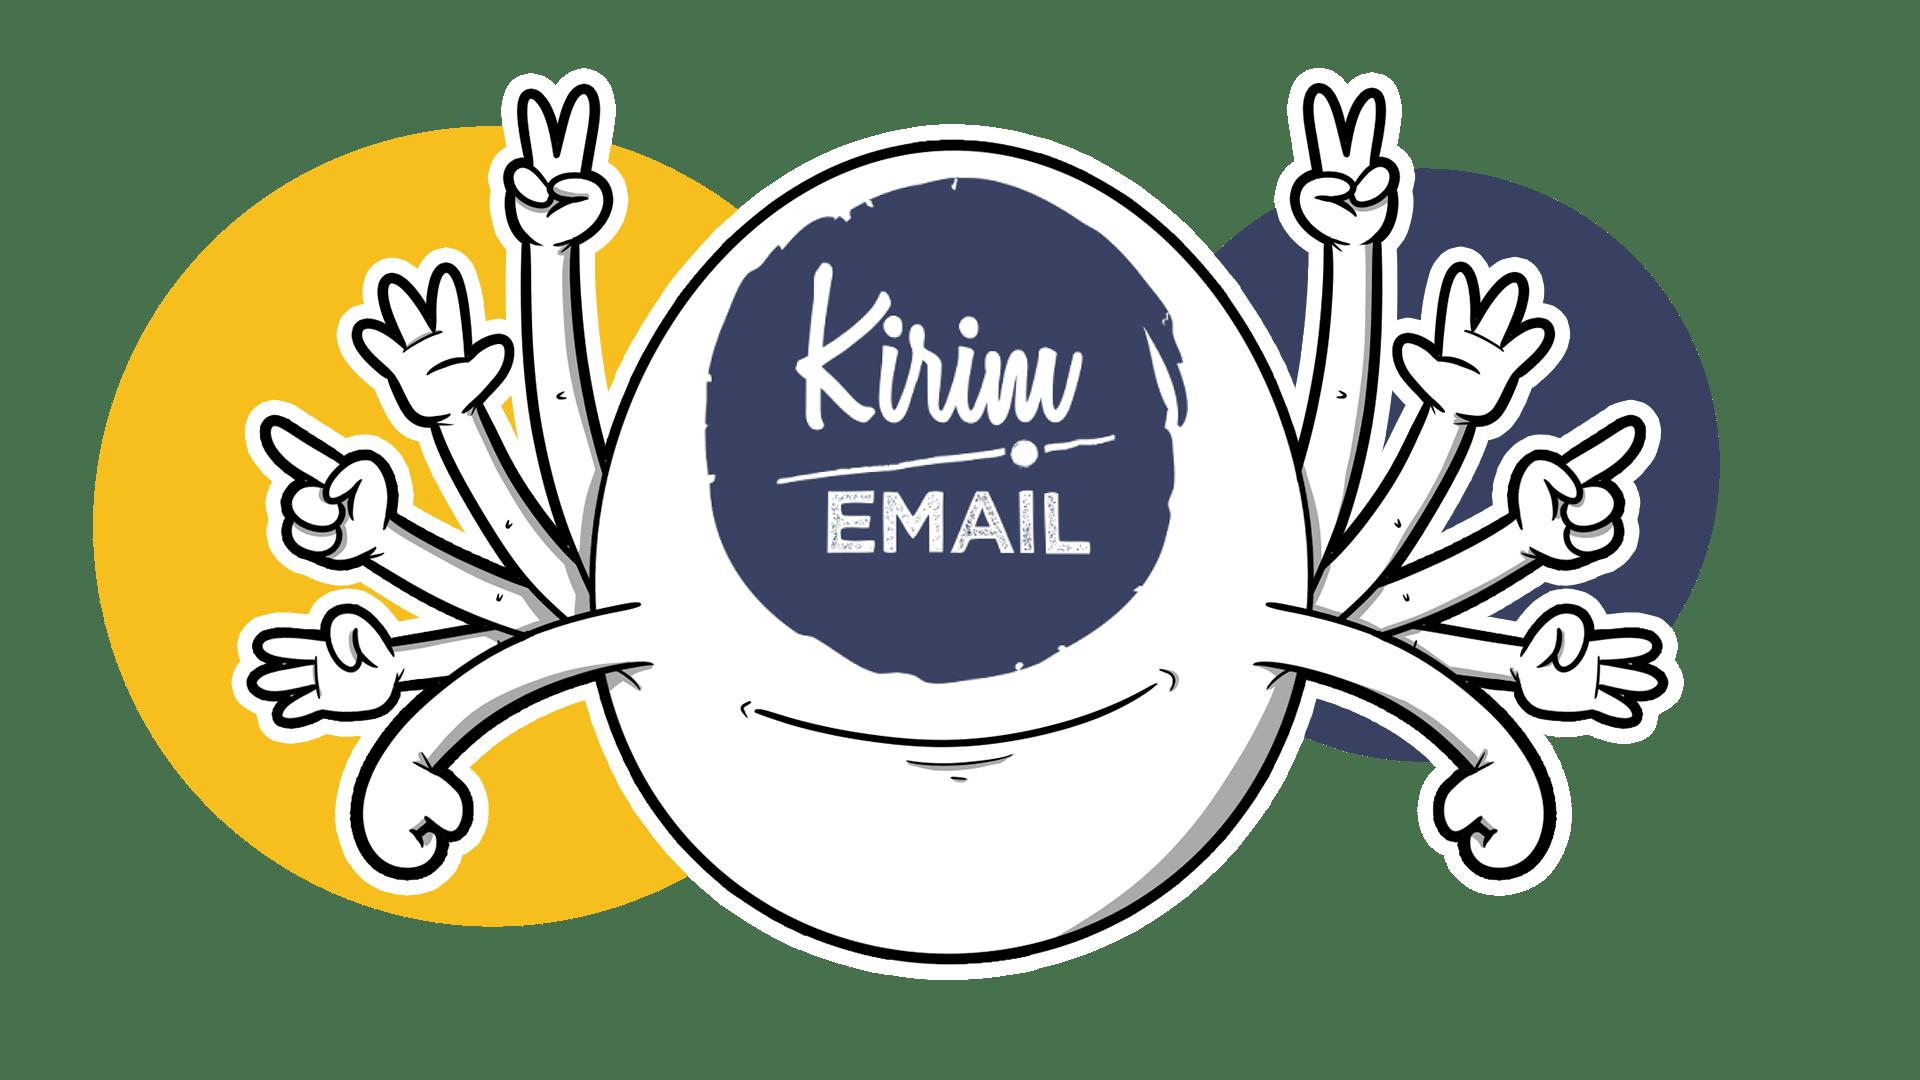 KIRIM.EMAIL Agency Account - OTP 8